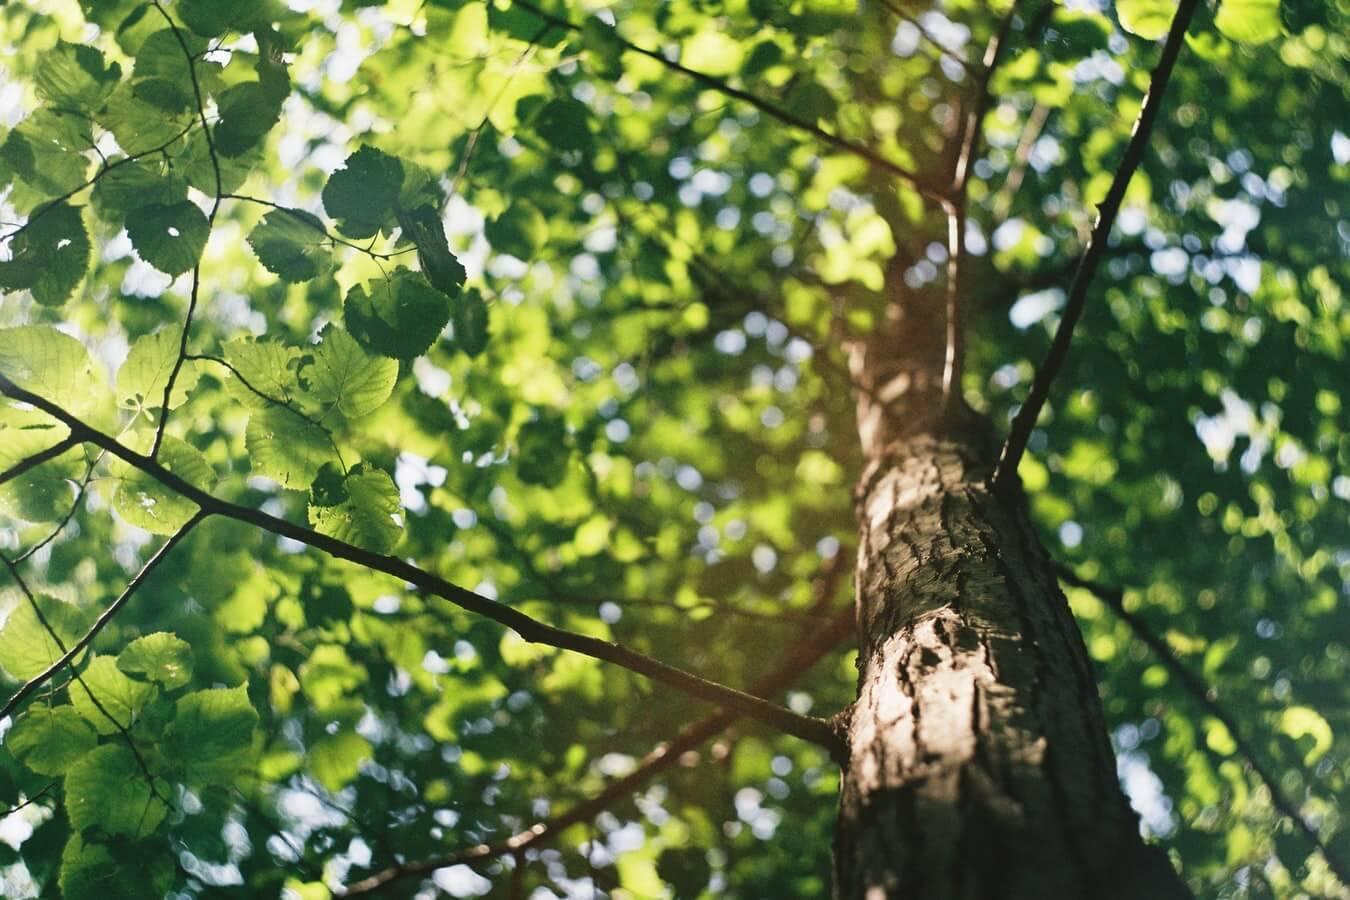 Urejanje vrta in sajenje okrasnih dreves